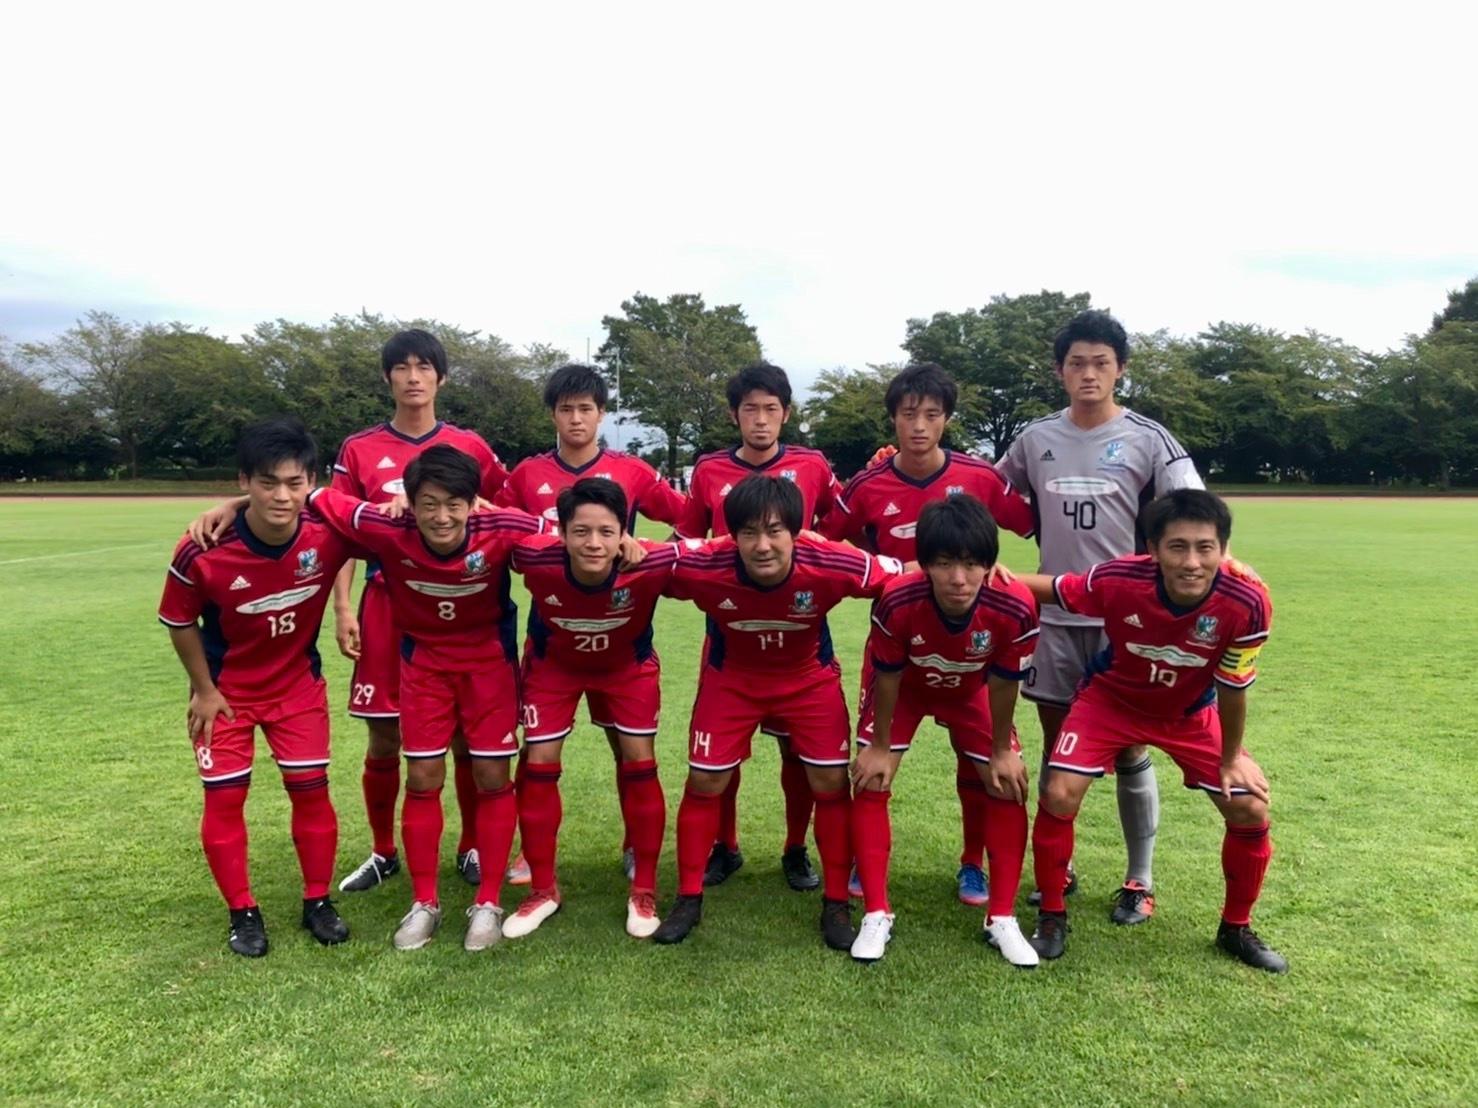 関東リーグ第16節vs tonan前橋_a0109270_05514353.jpg